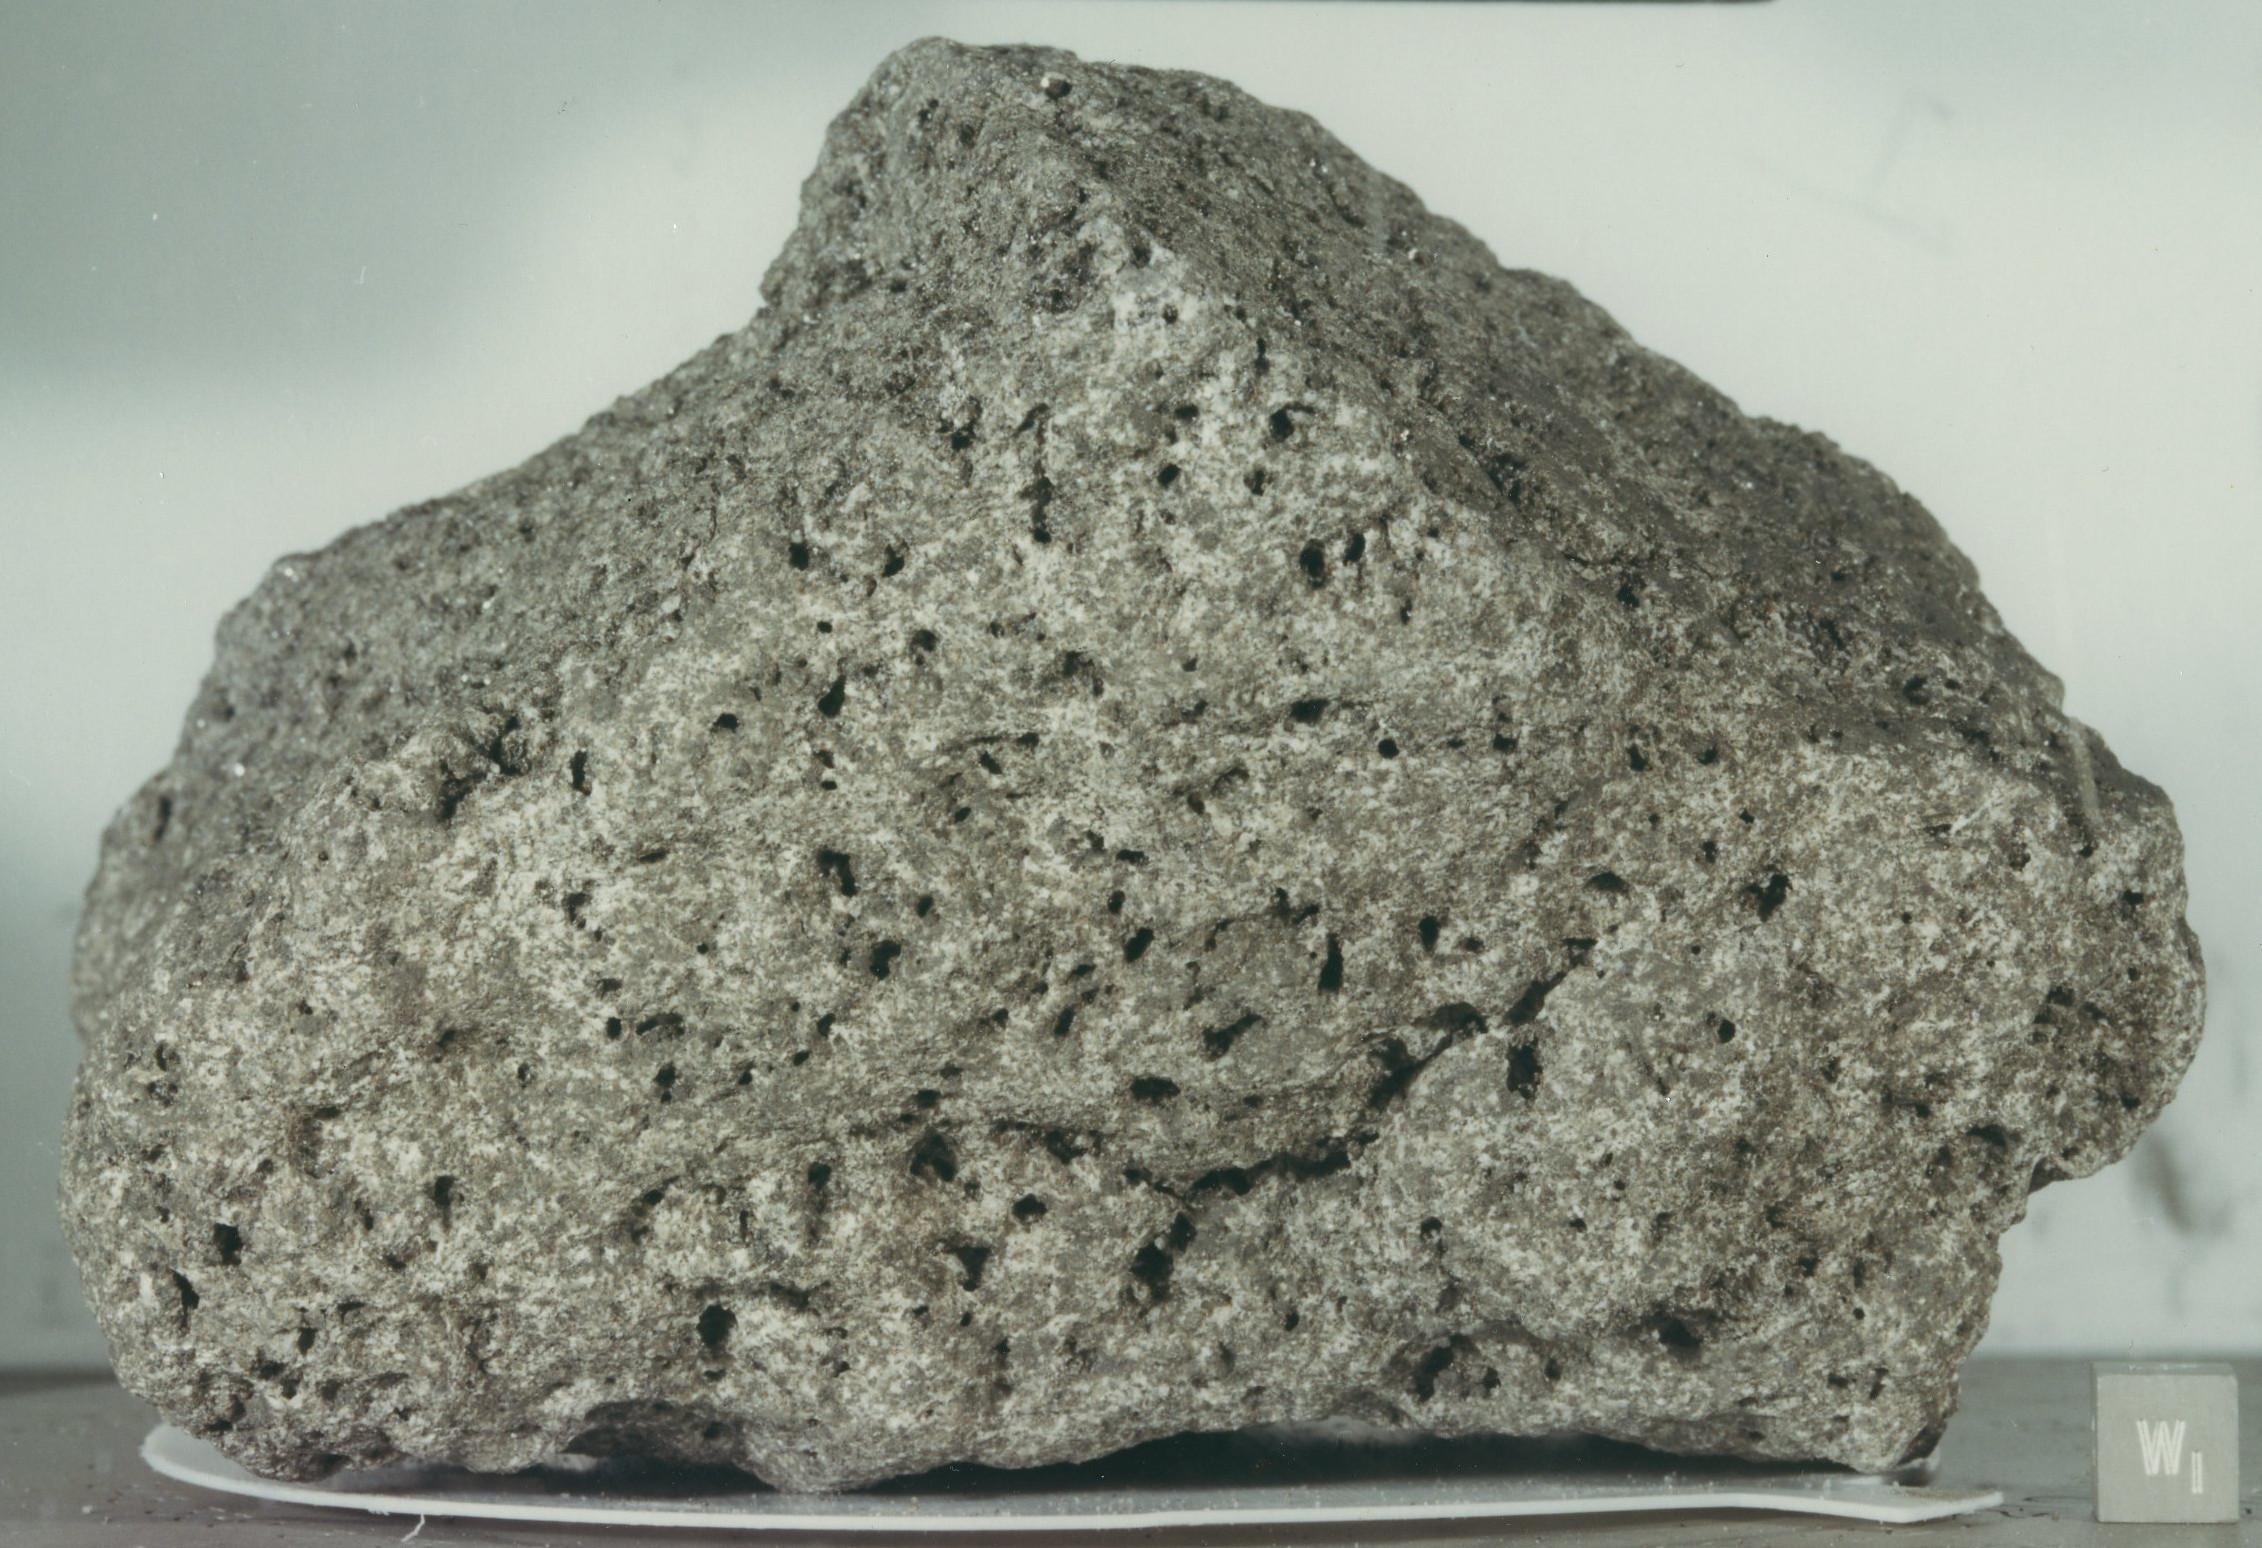 Lunar basalt 70017.jpg